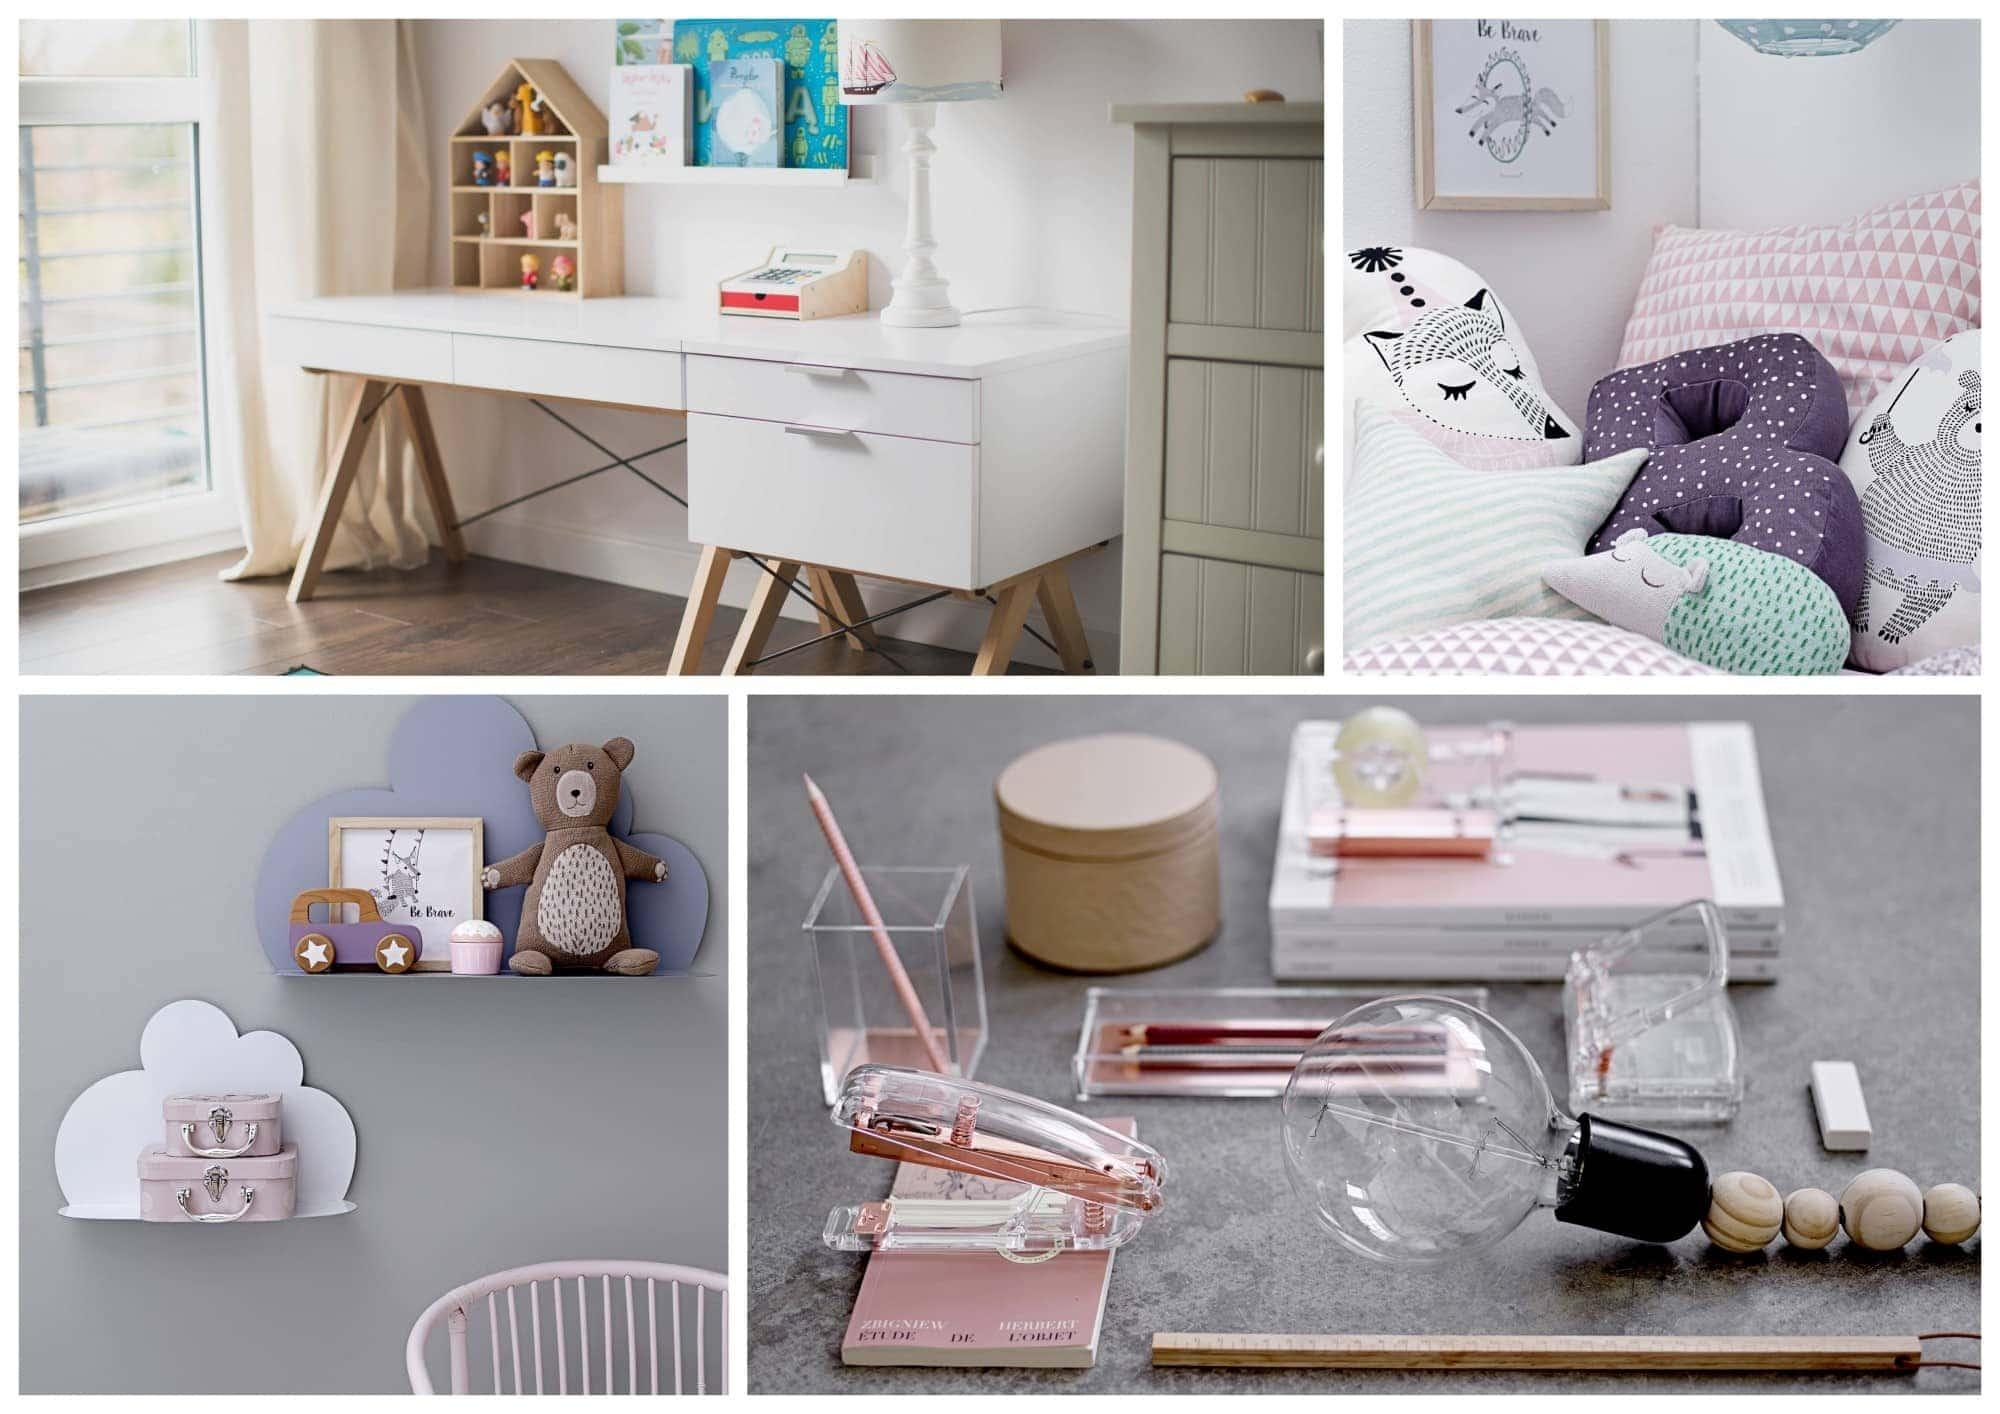 wielkie zmiany w ma ym mieszkaniu urz dzamy pok j dla ch opca. Black Bedroom Furniture Sets. Home Design Ideas